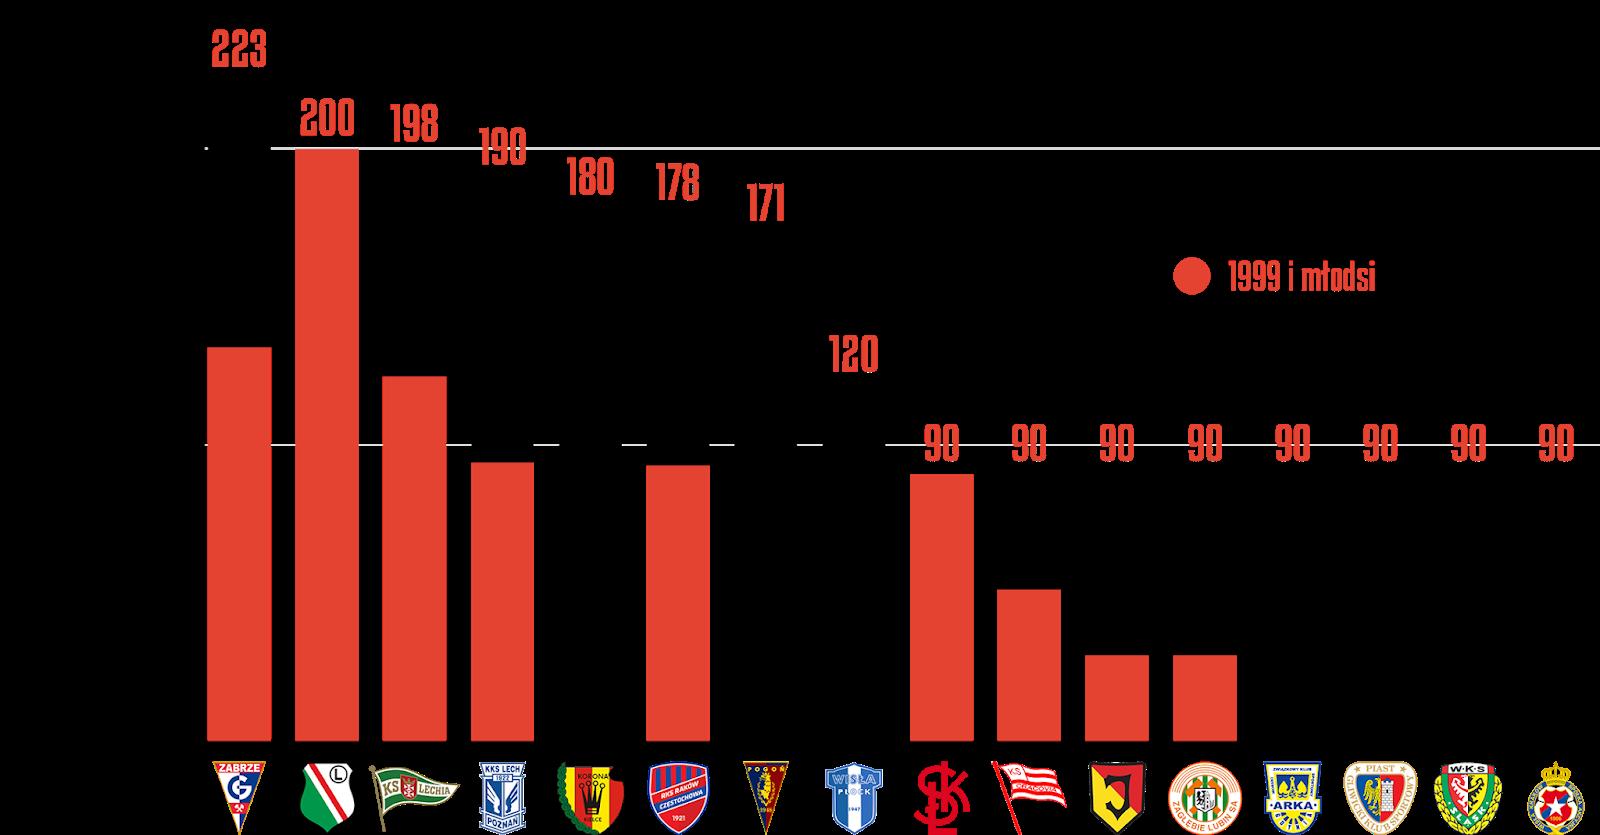 Klasyfikacja klubów pod względem rozegranych minut przez młodzieżowców w25.kolejce PKO Ekstraklasy<br><br>Źródło: Opracowanie własne na podstawie ekstrastats.pl<br><br>graf. Bartosz Urban